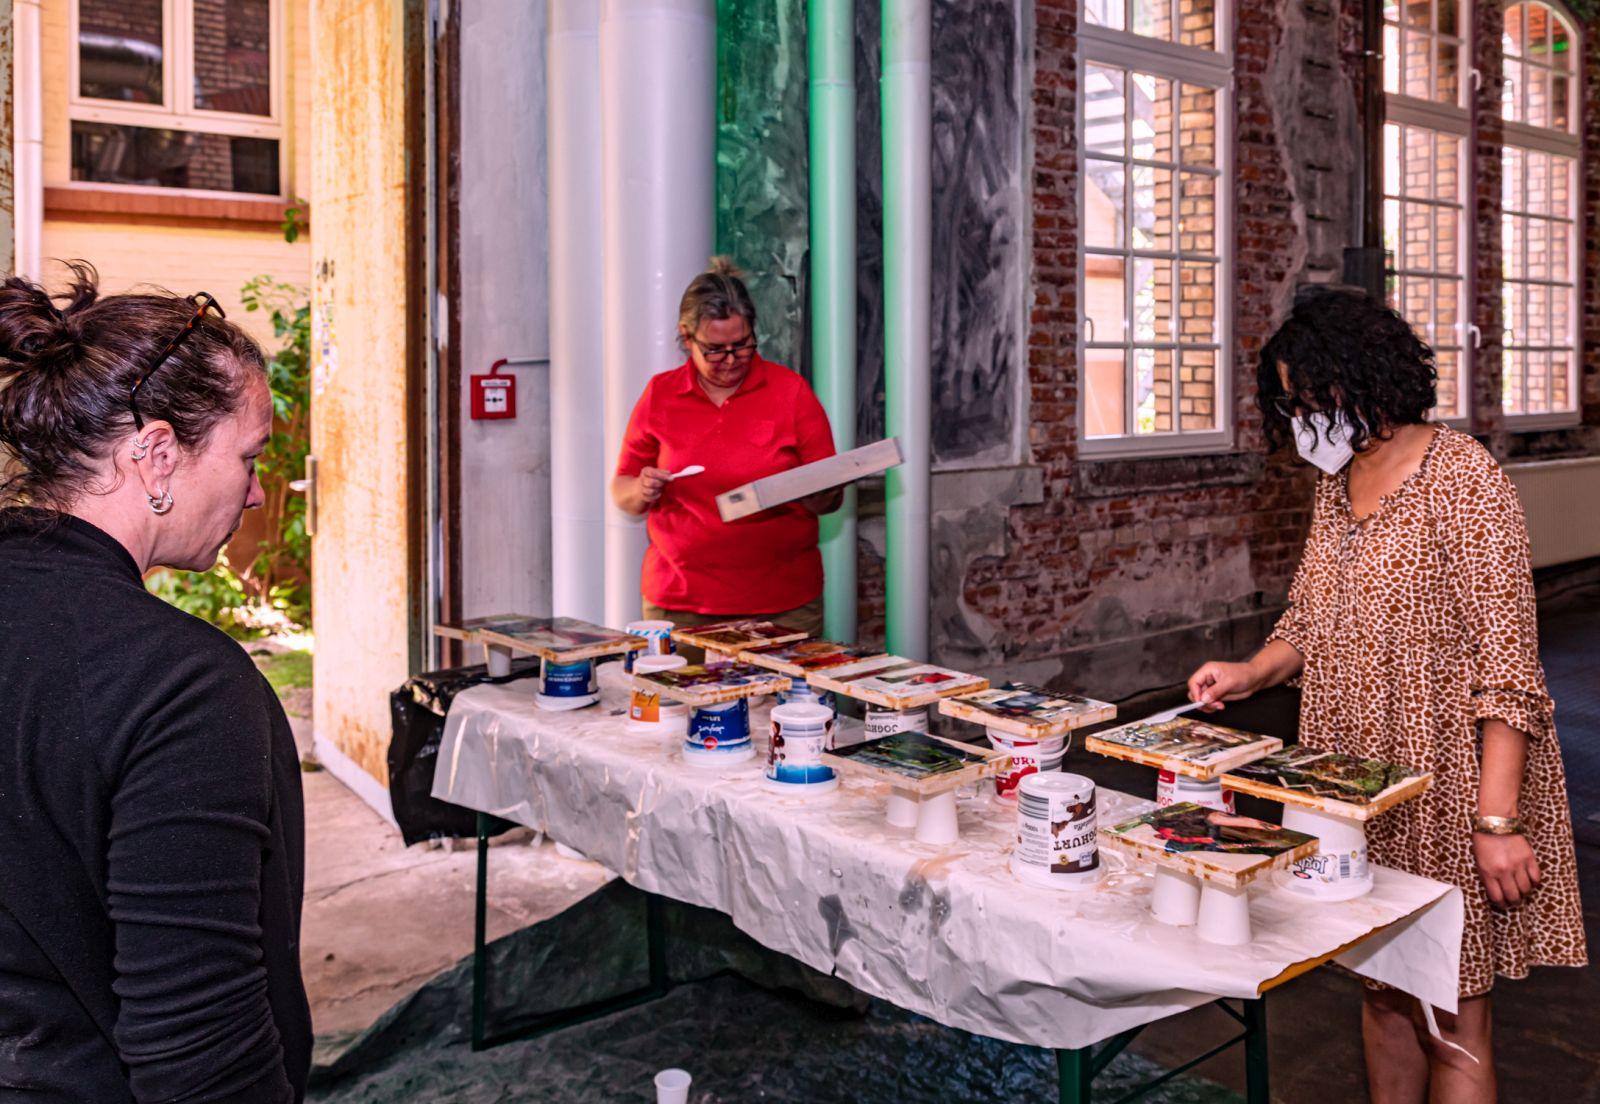 In der »Szene 64« haben die Teilnehmer des Workshops ihren eigenen Arbeitsplatz mit genügend Abstand zueinander. Künstlerin Anne Hess (links) steht mit Rat und Tat zur Seite.